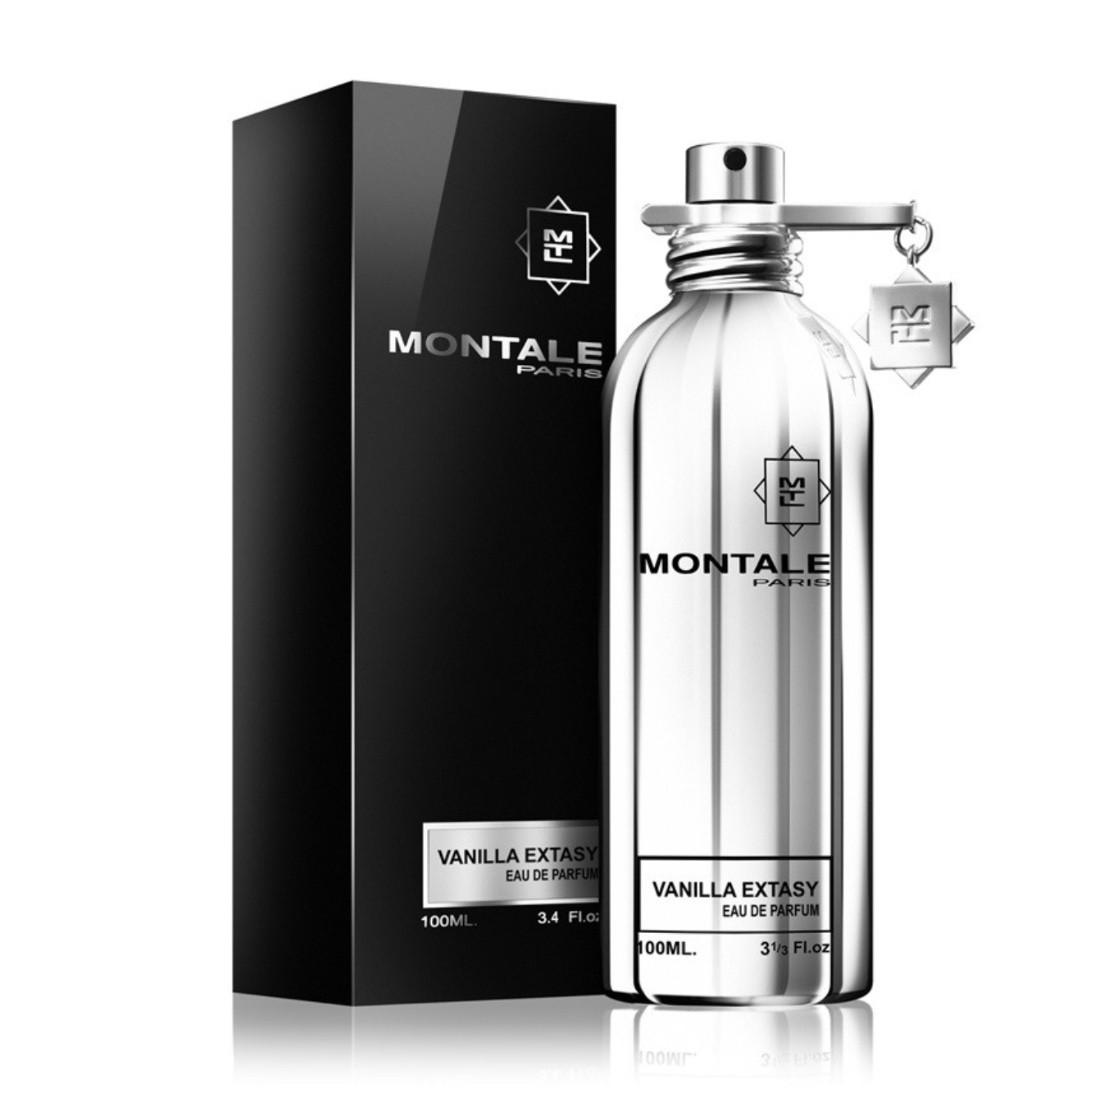 Женские тестер духи MONTALE Vanilla Extasy - 100ml  (Монталь Ванила Экстази) нишевая парфюмированная вода